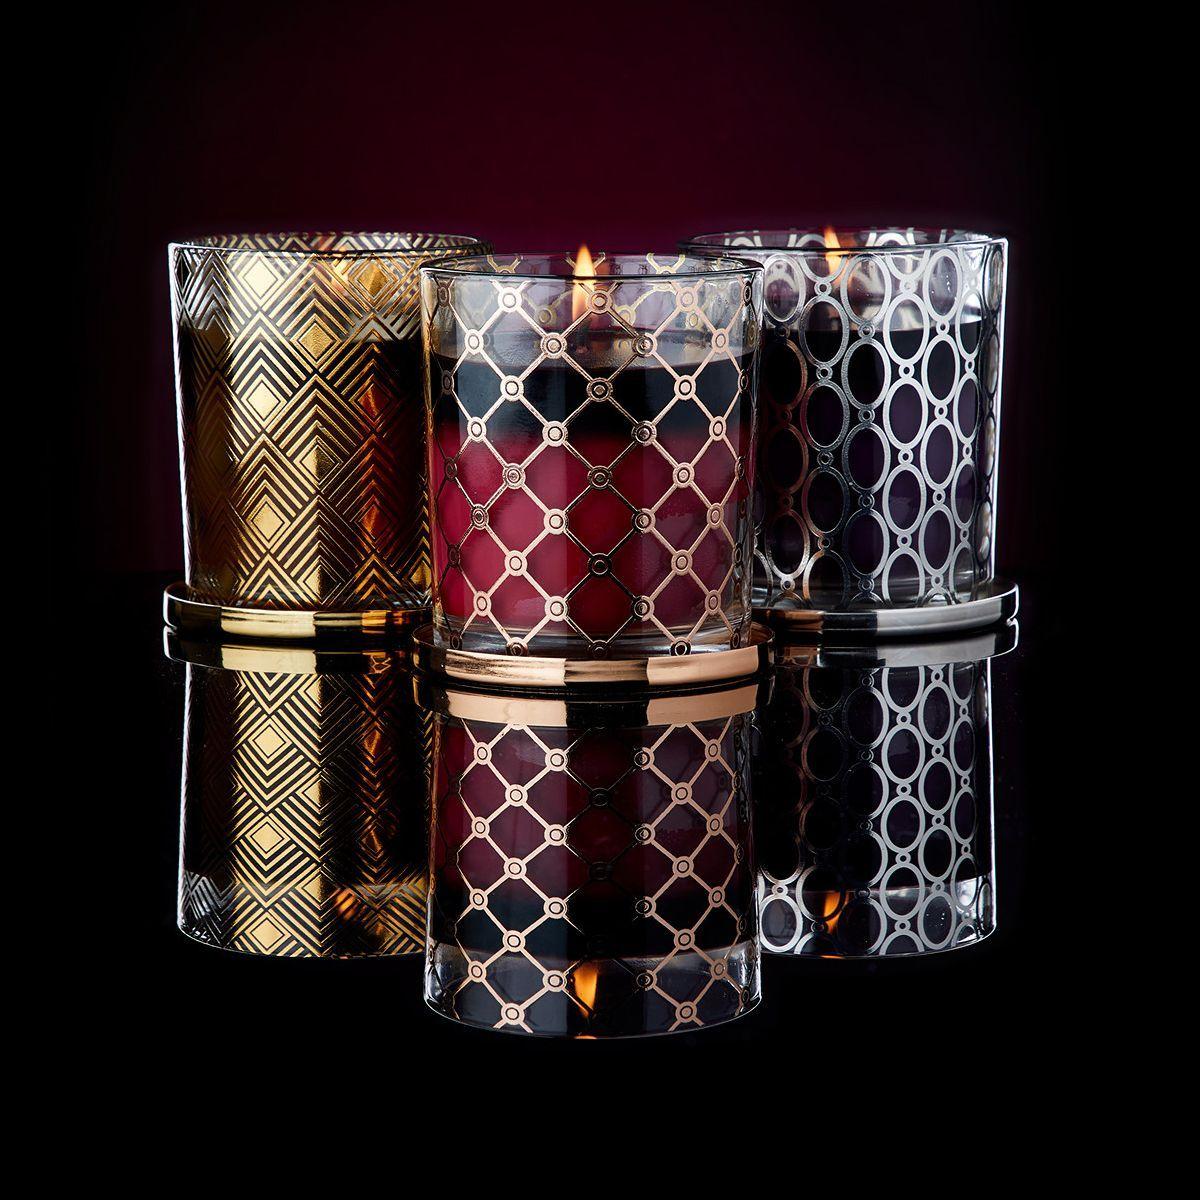 After Dark Jar Sampler In 2020 Scented Candle Jars Candle Jars Cassis